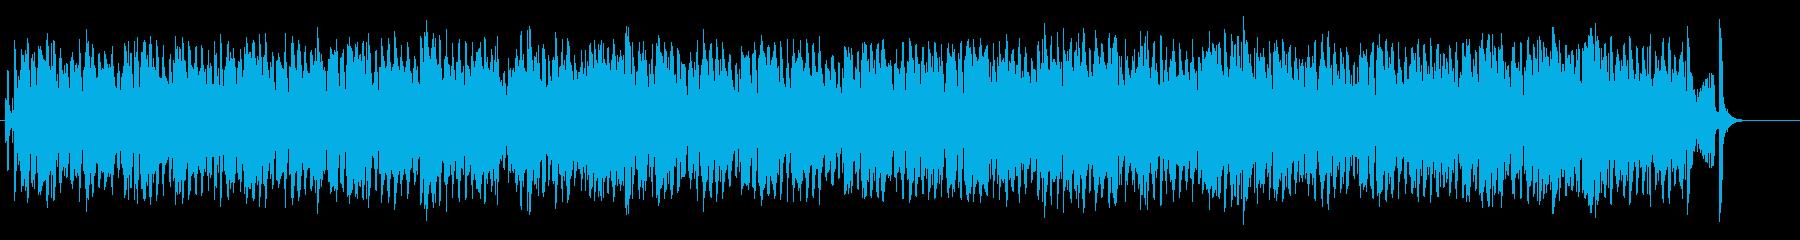 古き良きスタンダードなビッグバンドジャズの再生済みの波形